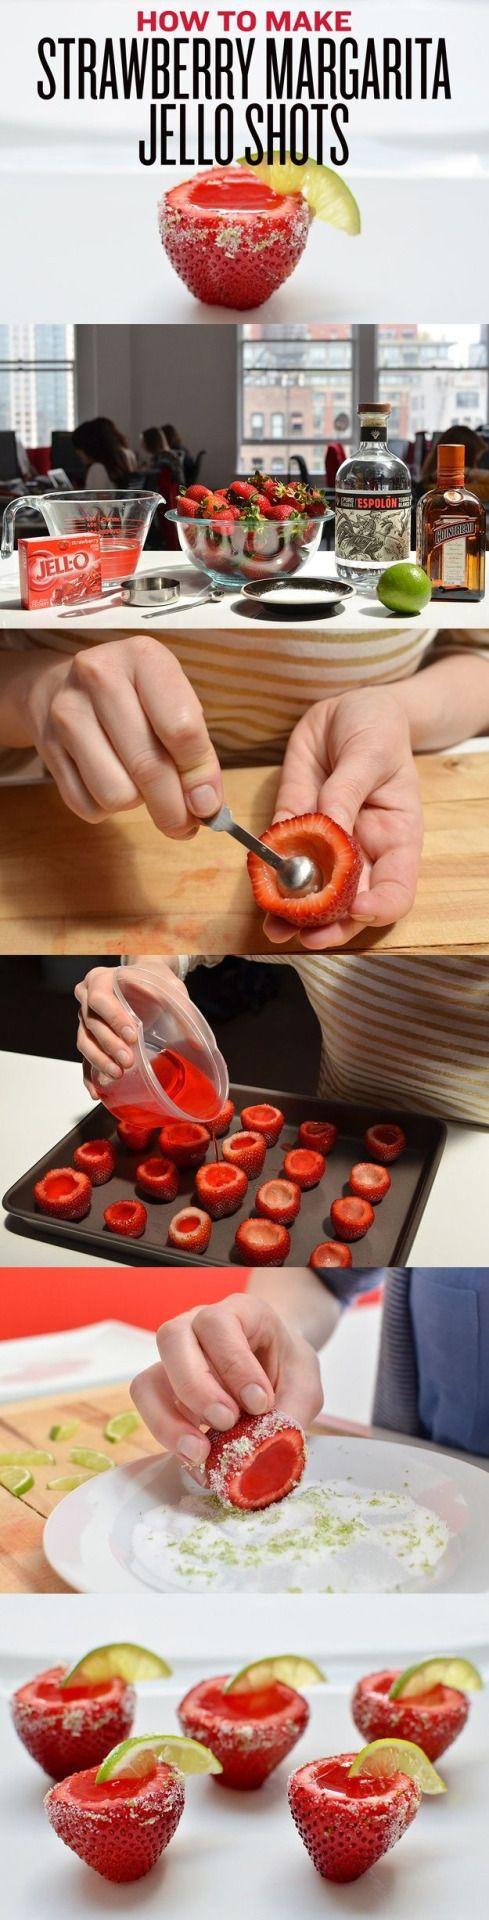 Best 10+ Strawberry margarita jello shots ideas on Pinterest ...